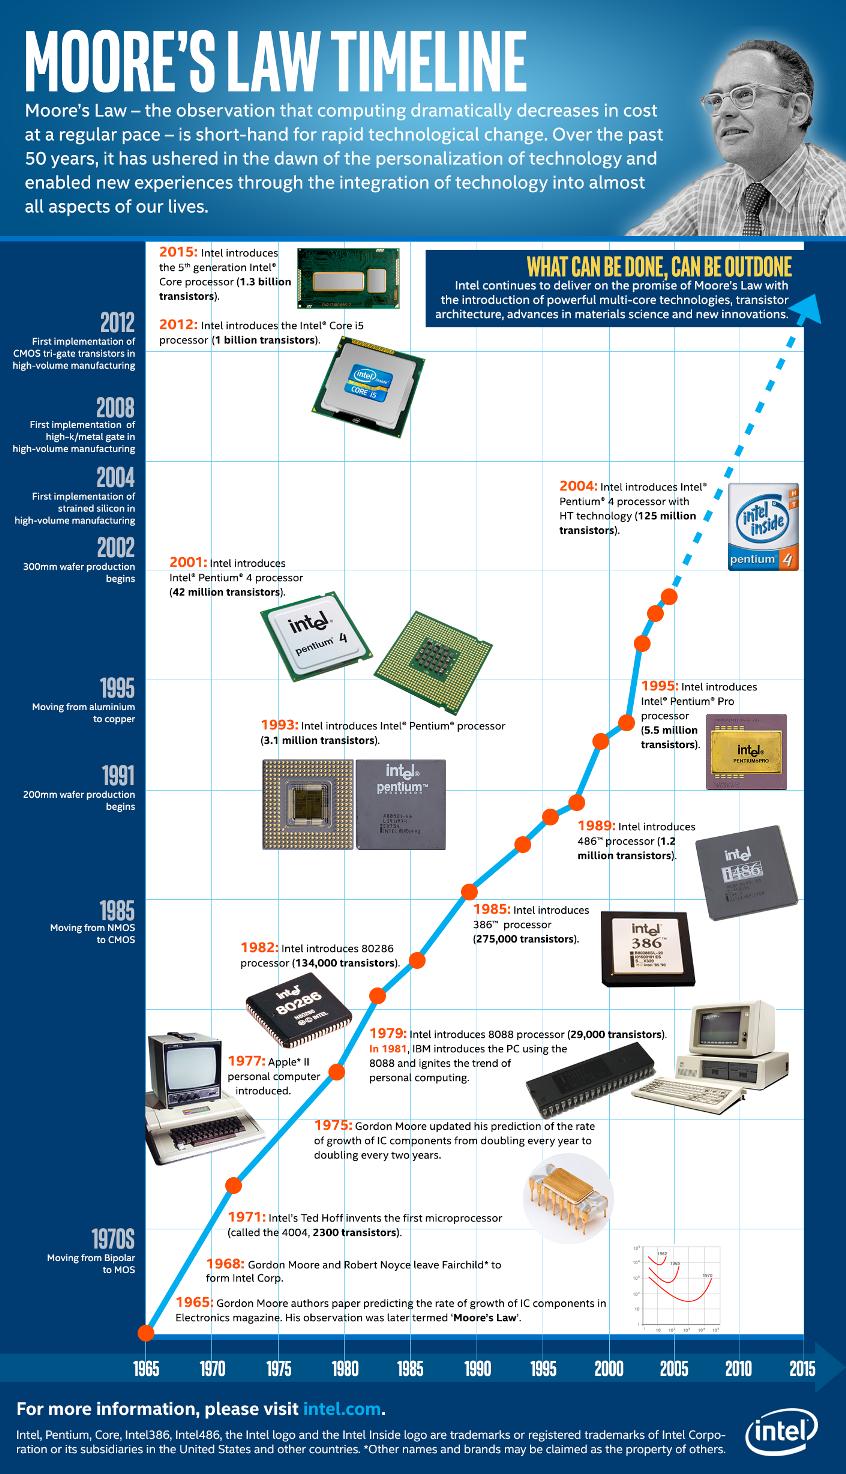 Legea lui Moore Timeline